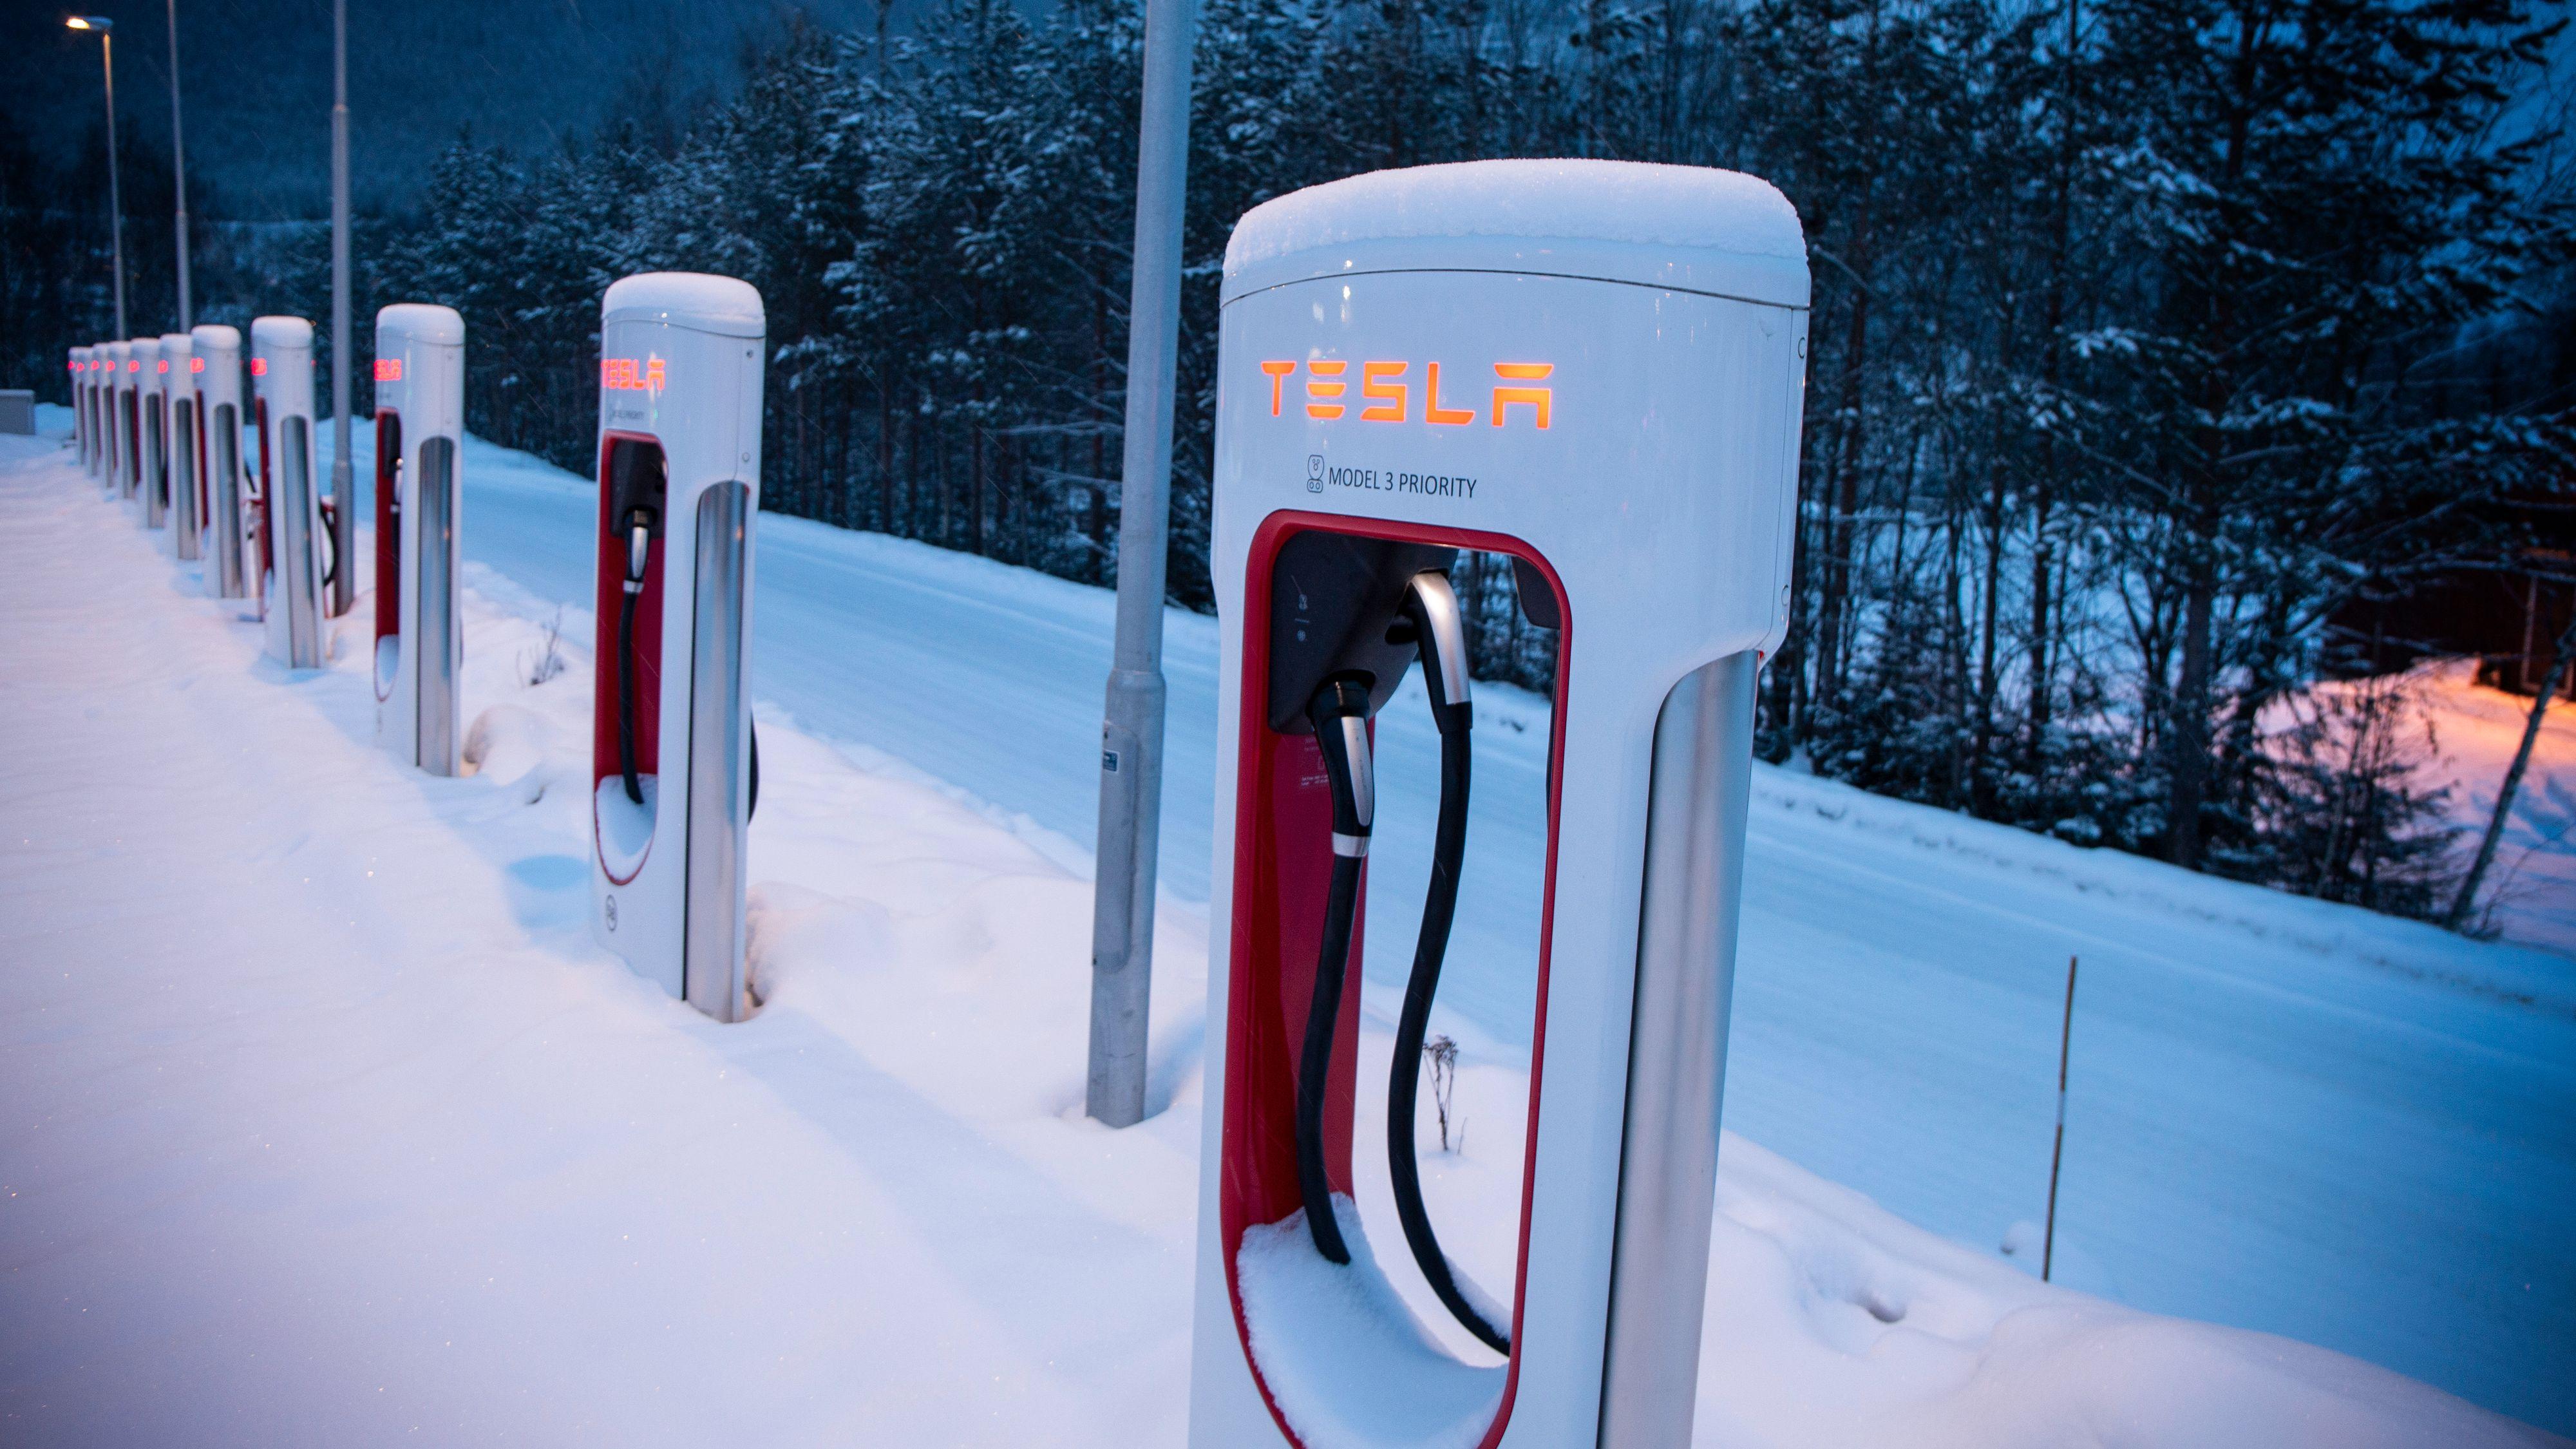 Tesla varsler at de skal åpne en ny Supercharger-stasjon i Oslo sentrum, sammen med tre andre på sentrale steder i hovedstaden. Her fra stasjonen på Hafjell.